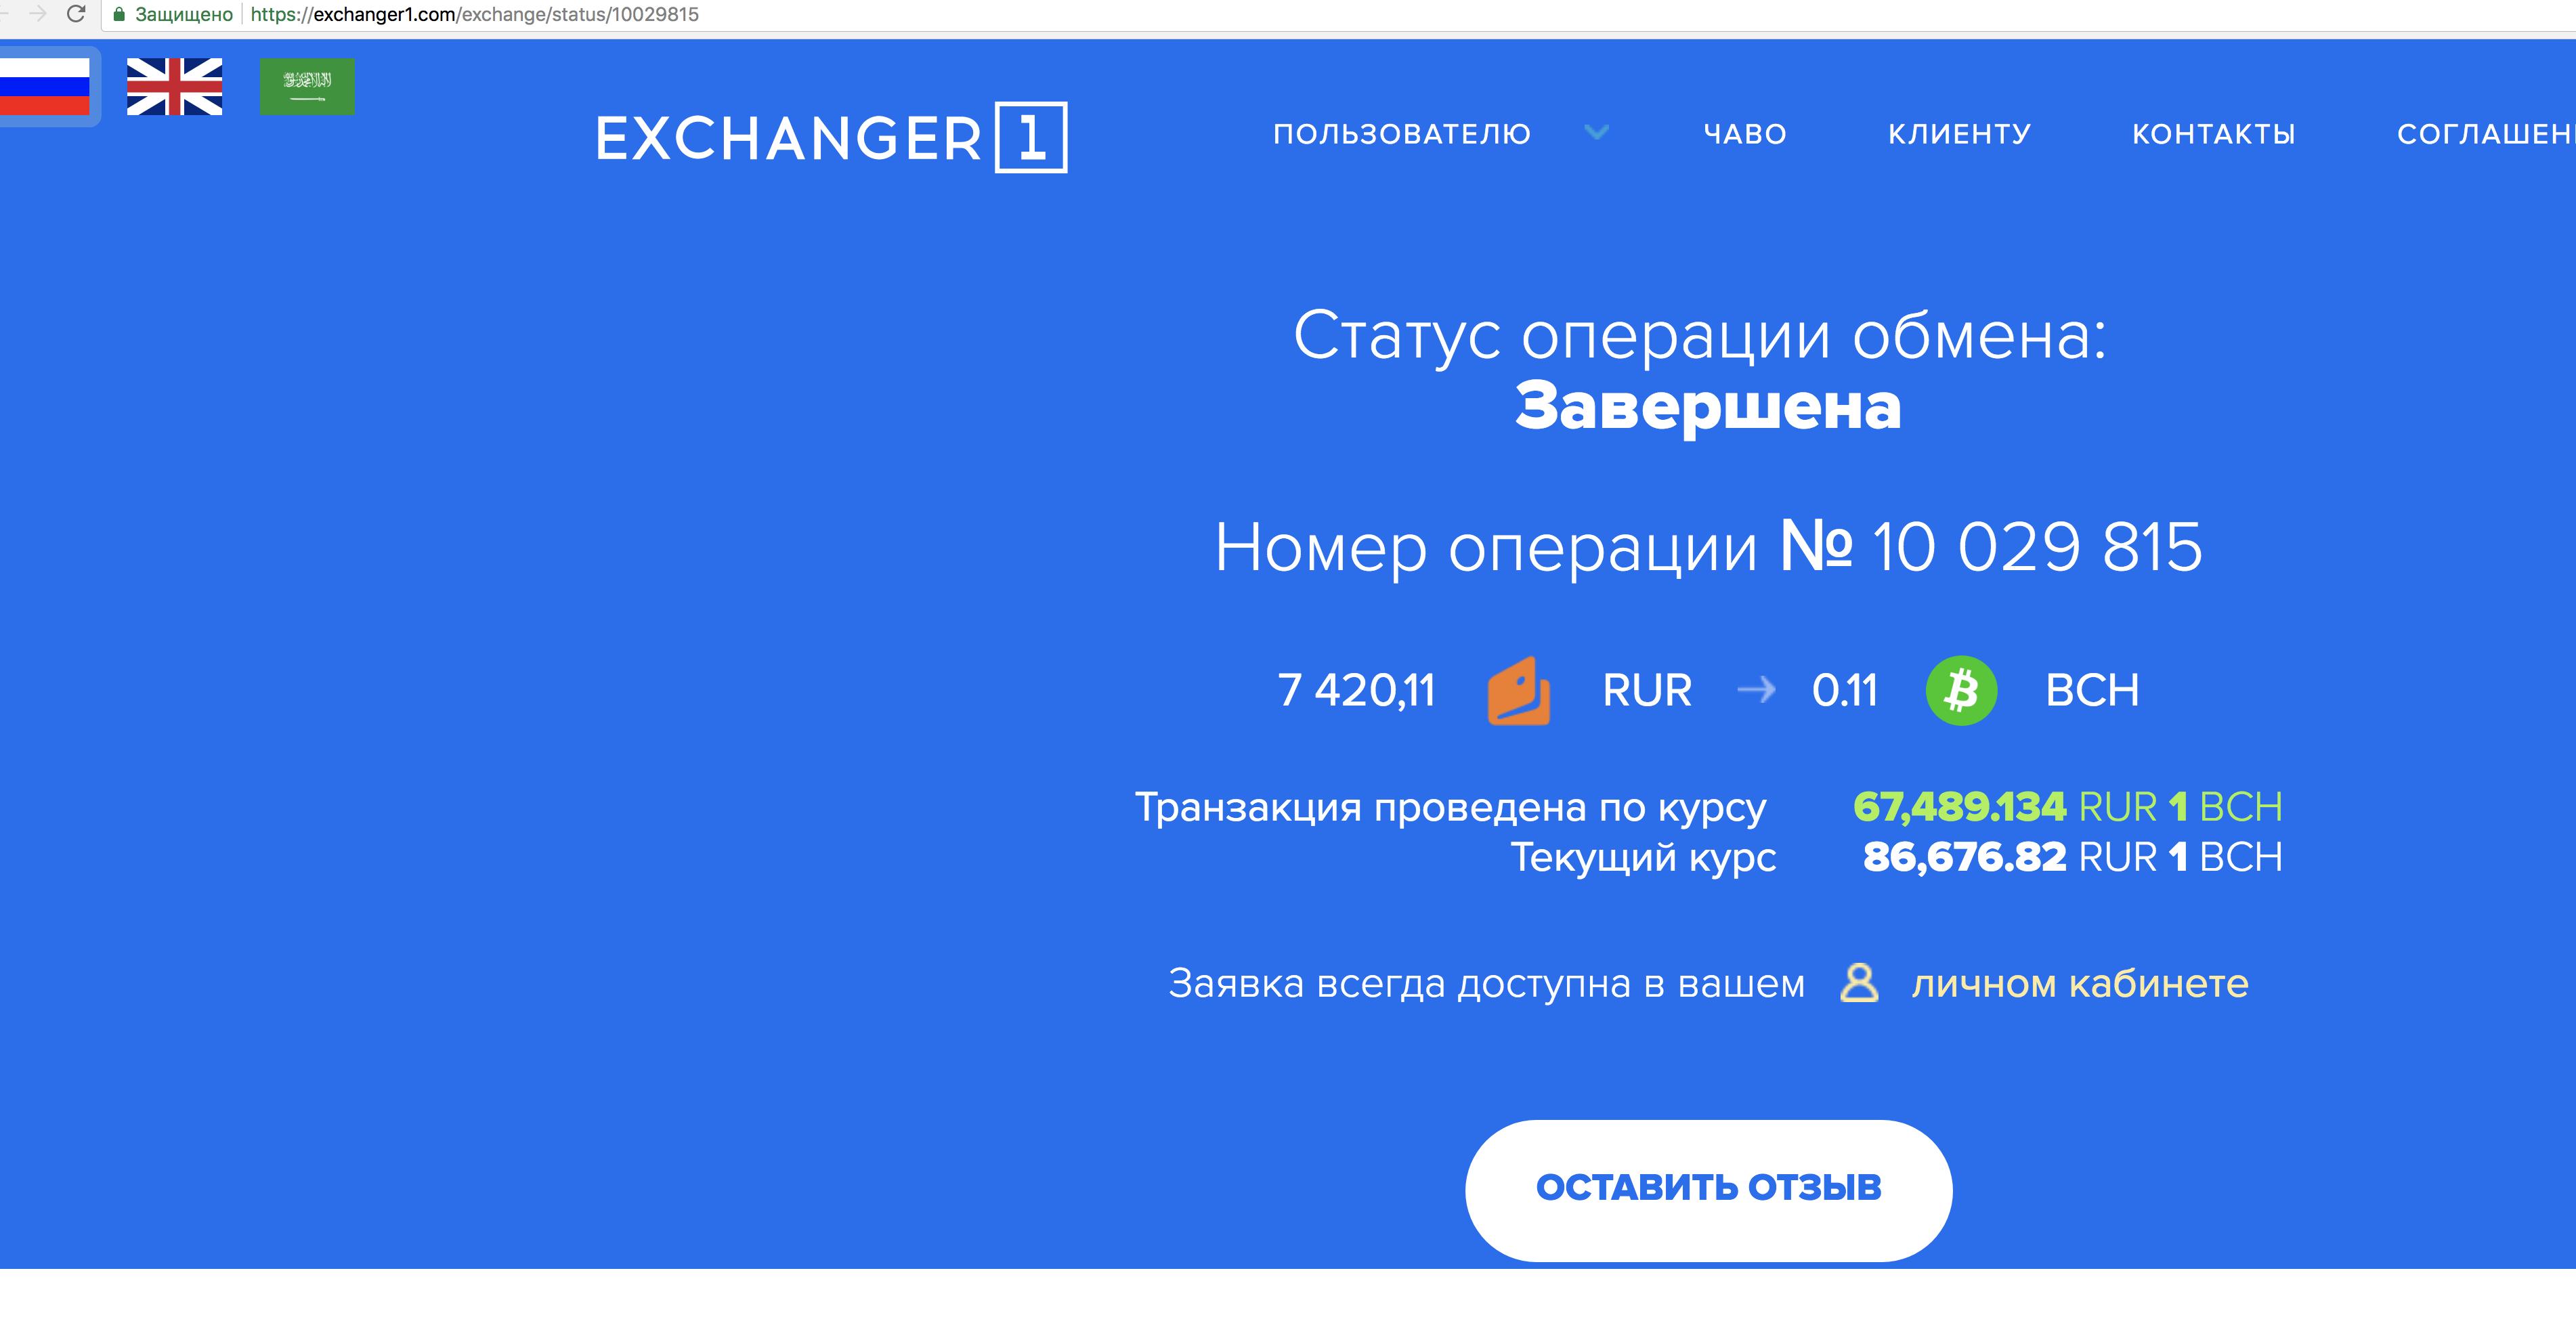 обмен Perfect money Exchanger1.com